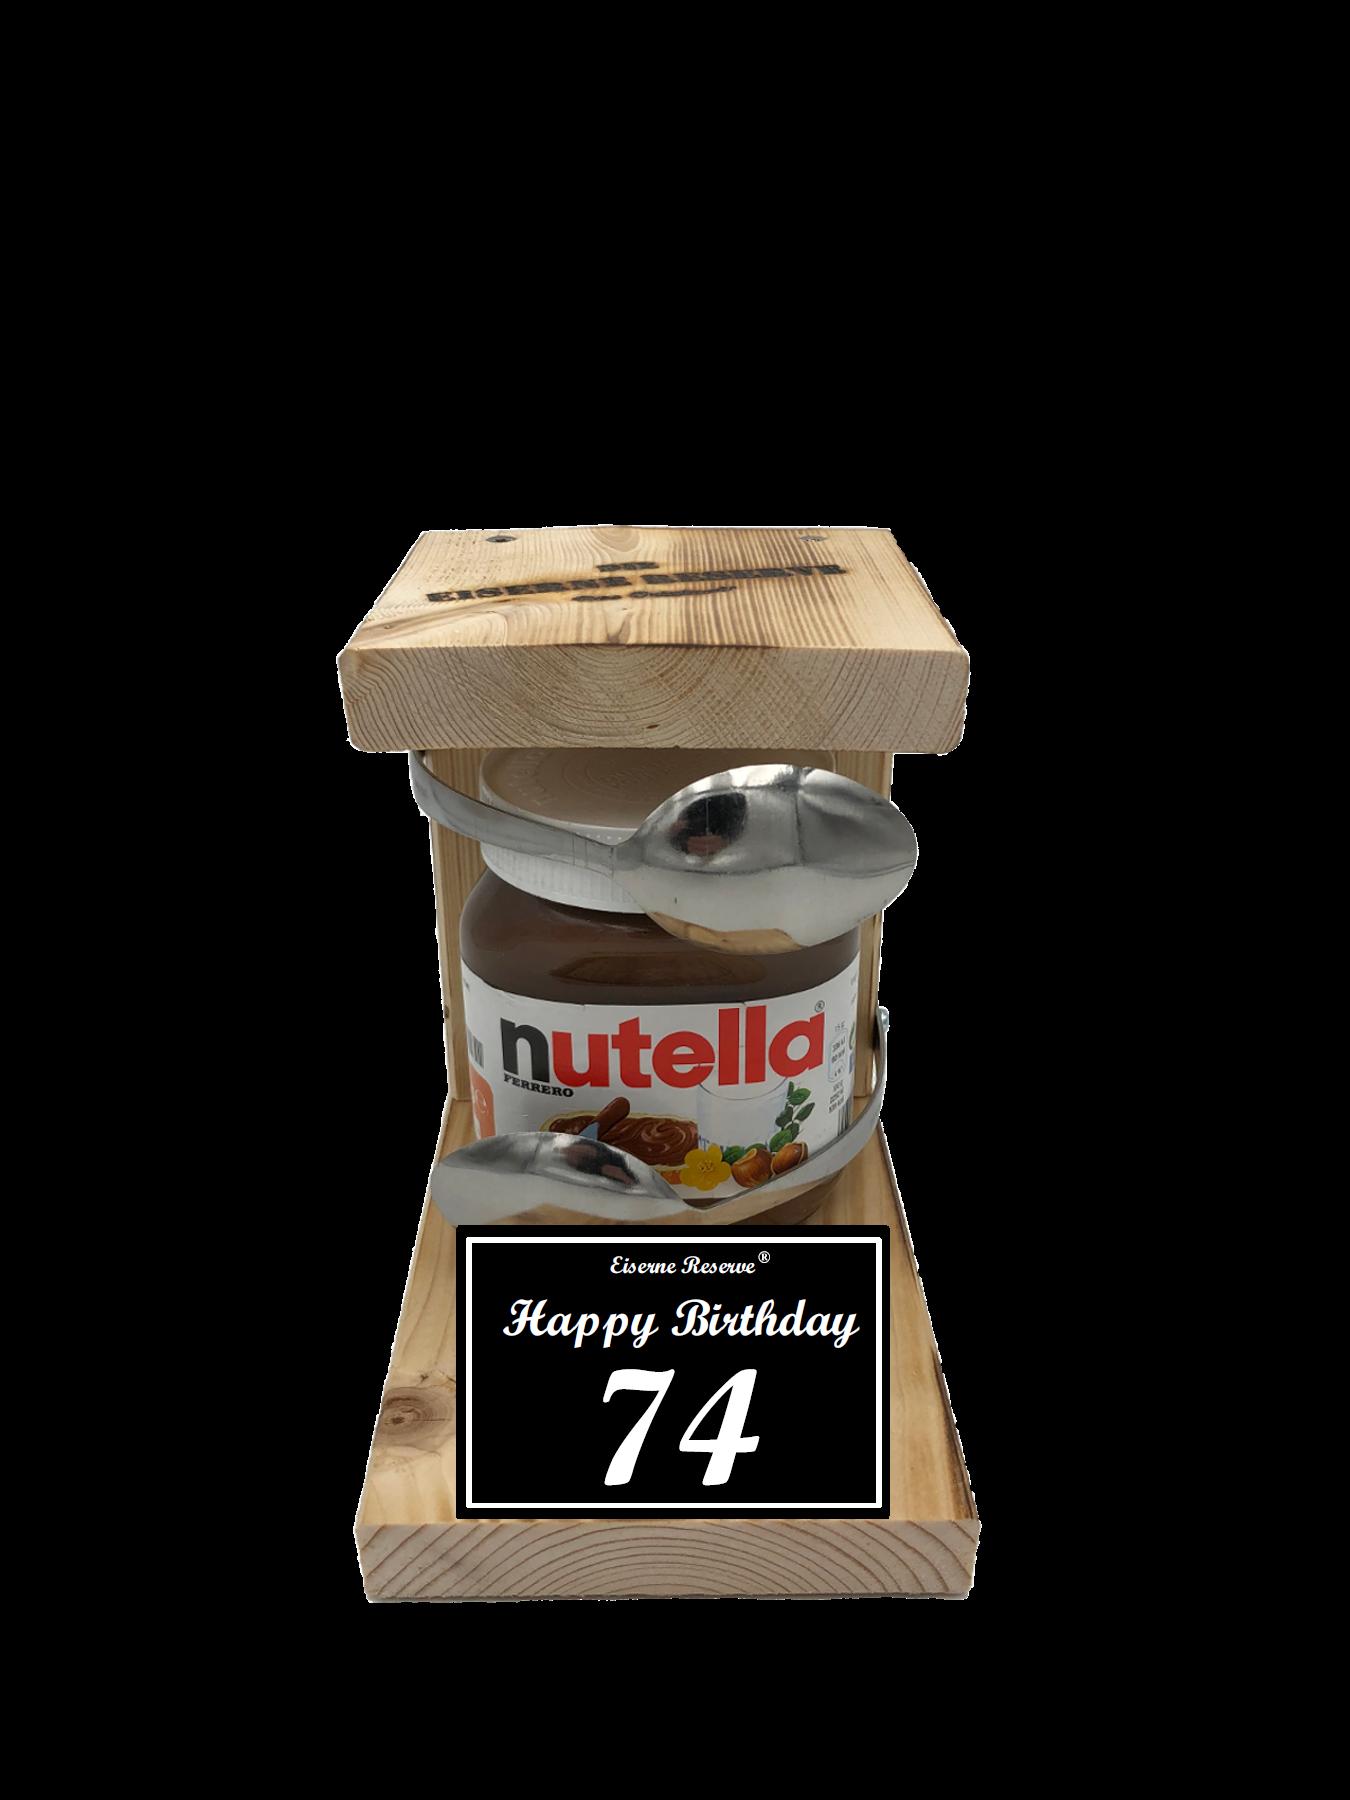 74 Happy Birthday Löffel Nutella Geschenk - Die Nutella Geschenkidee